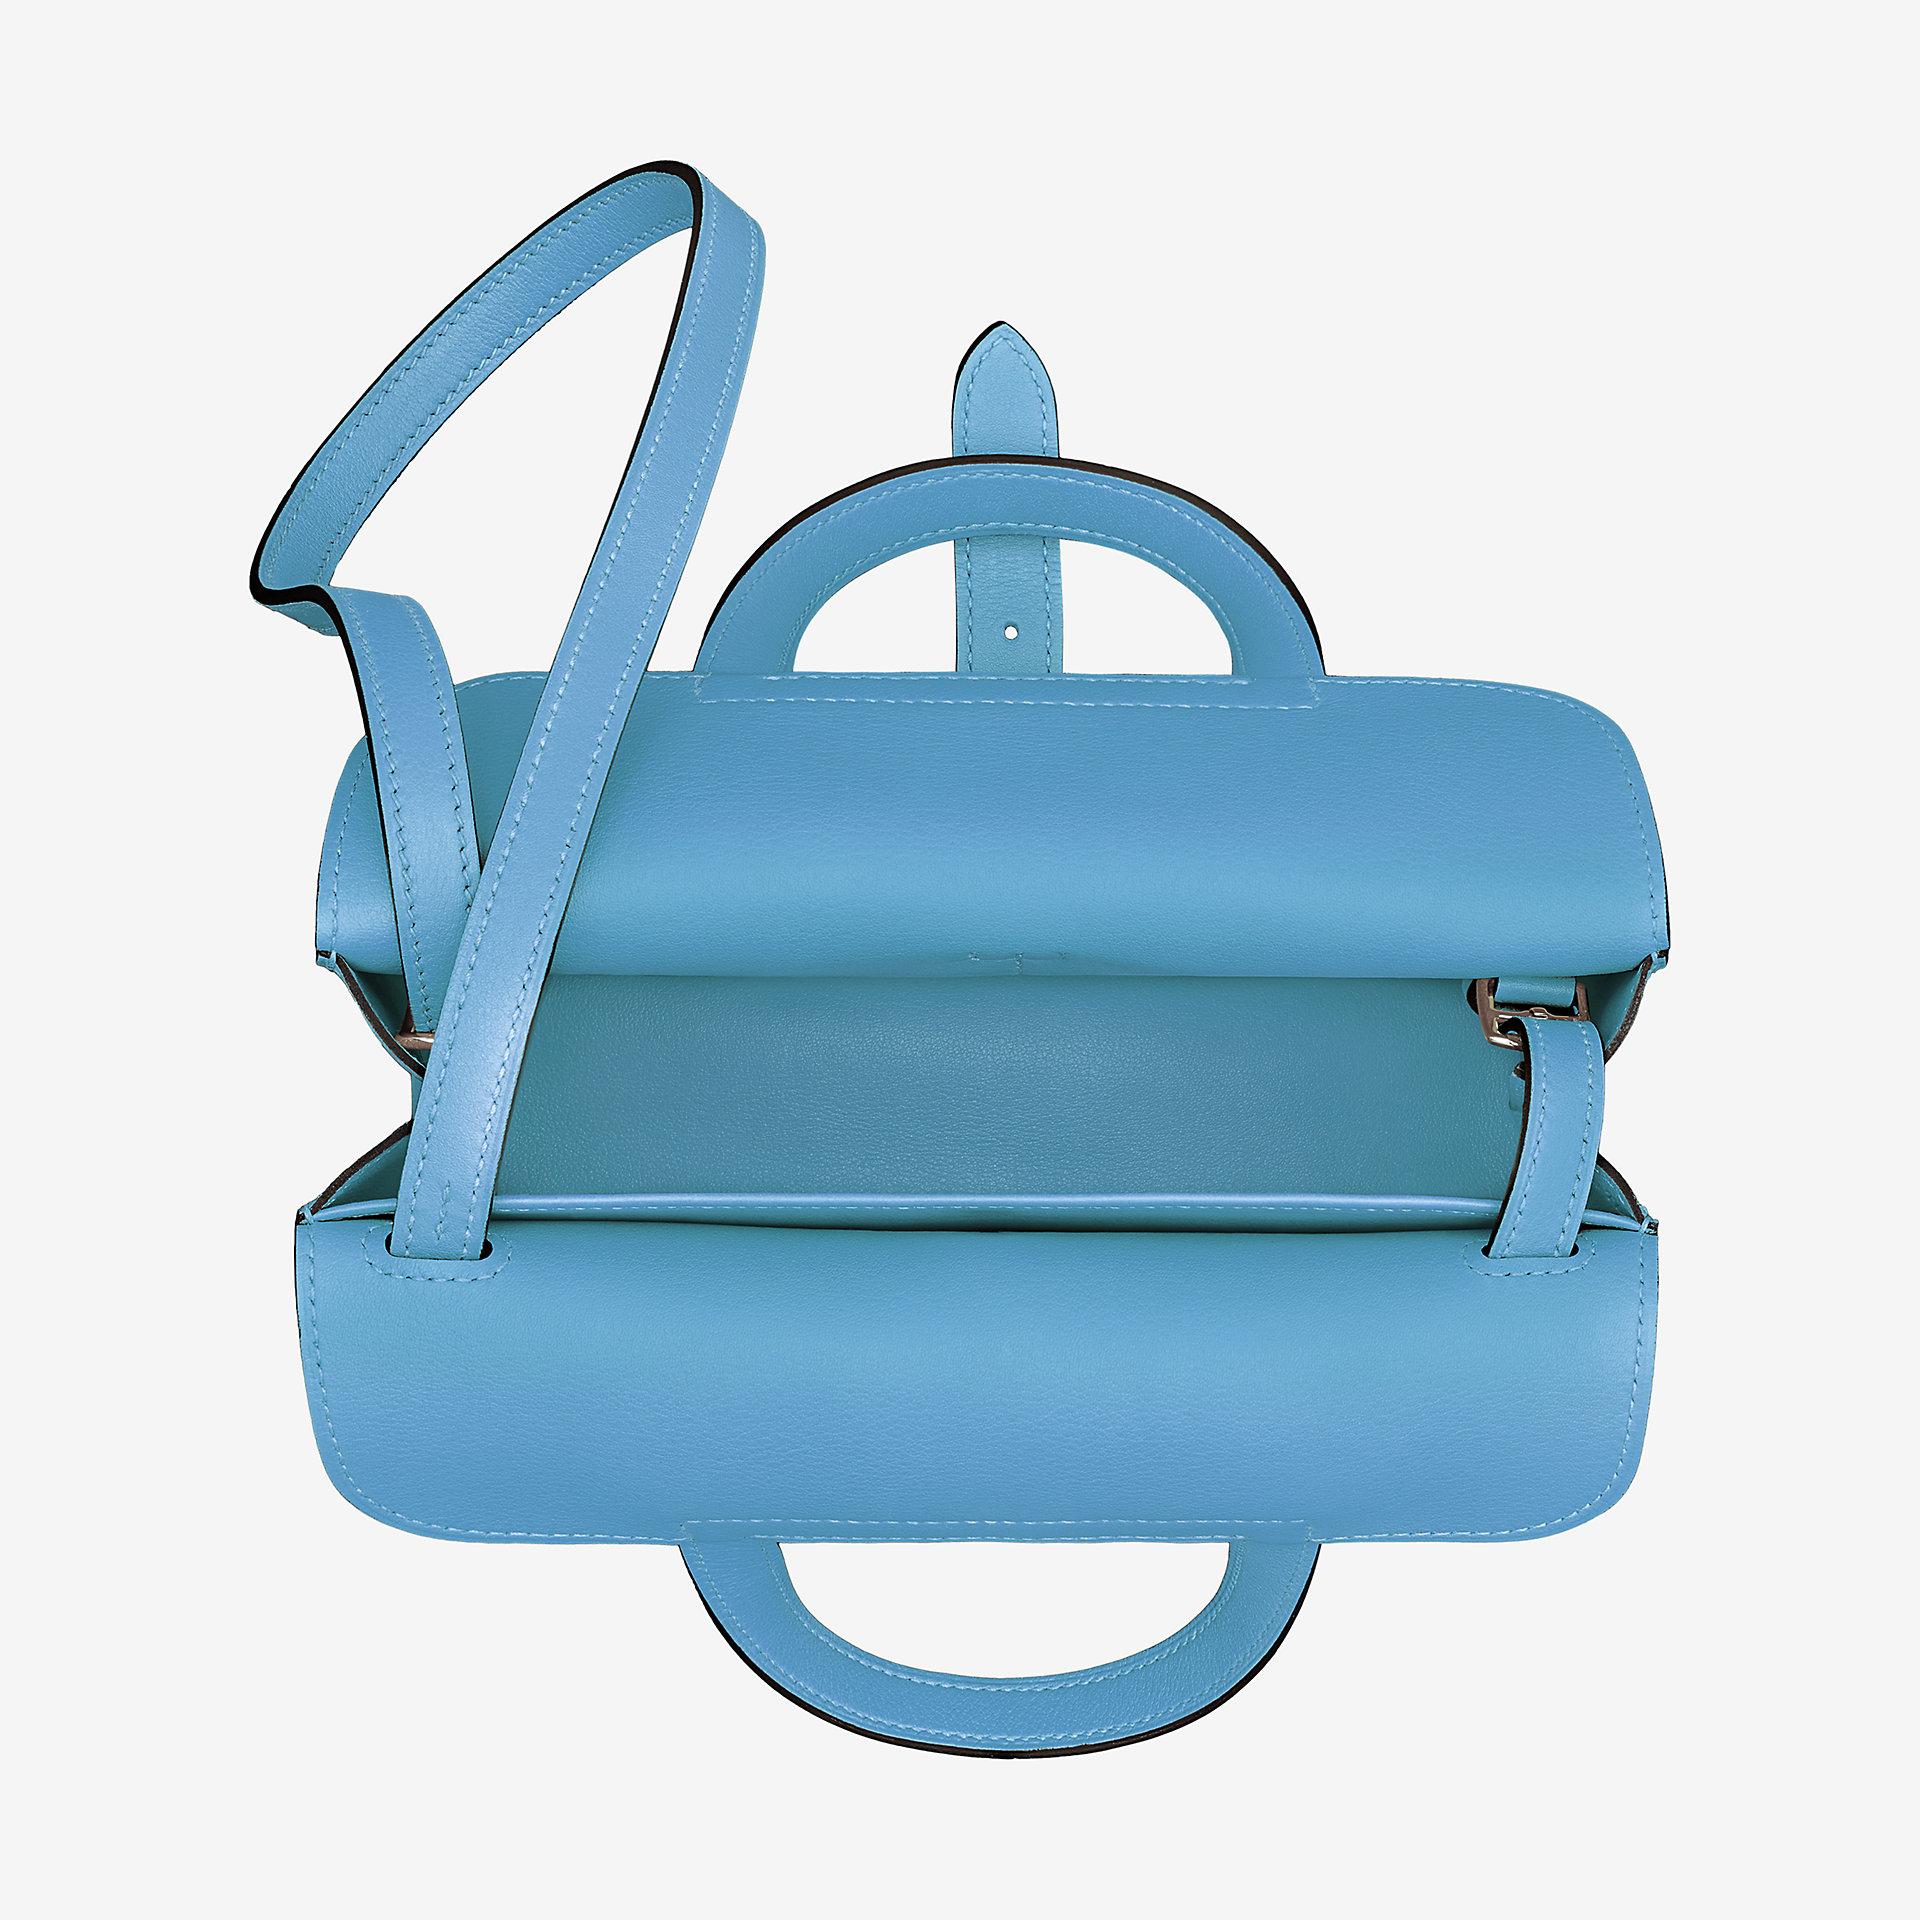 爱马仕Hermès包包 Halzan迷你 天蓝色Swift小牛皮手提包